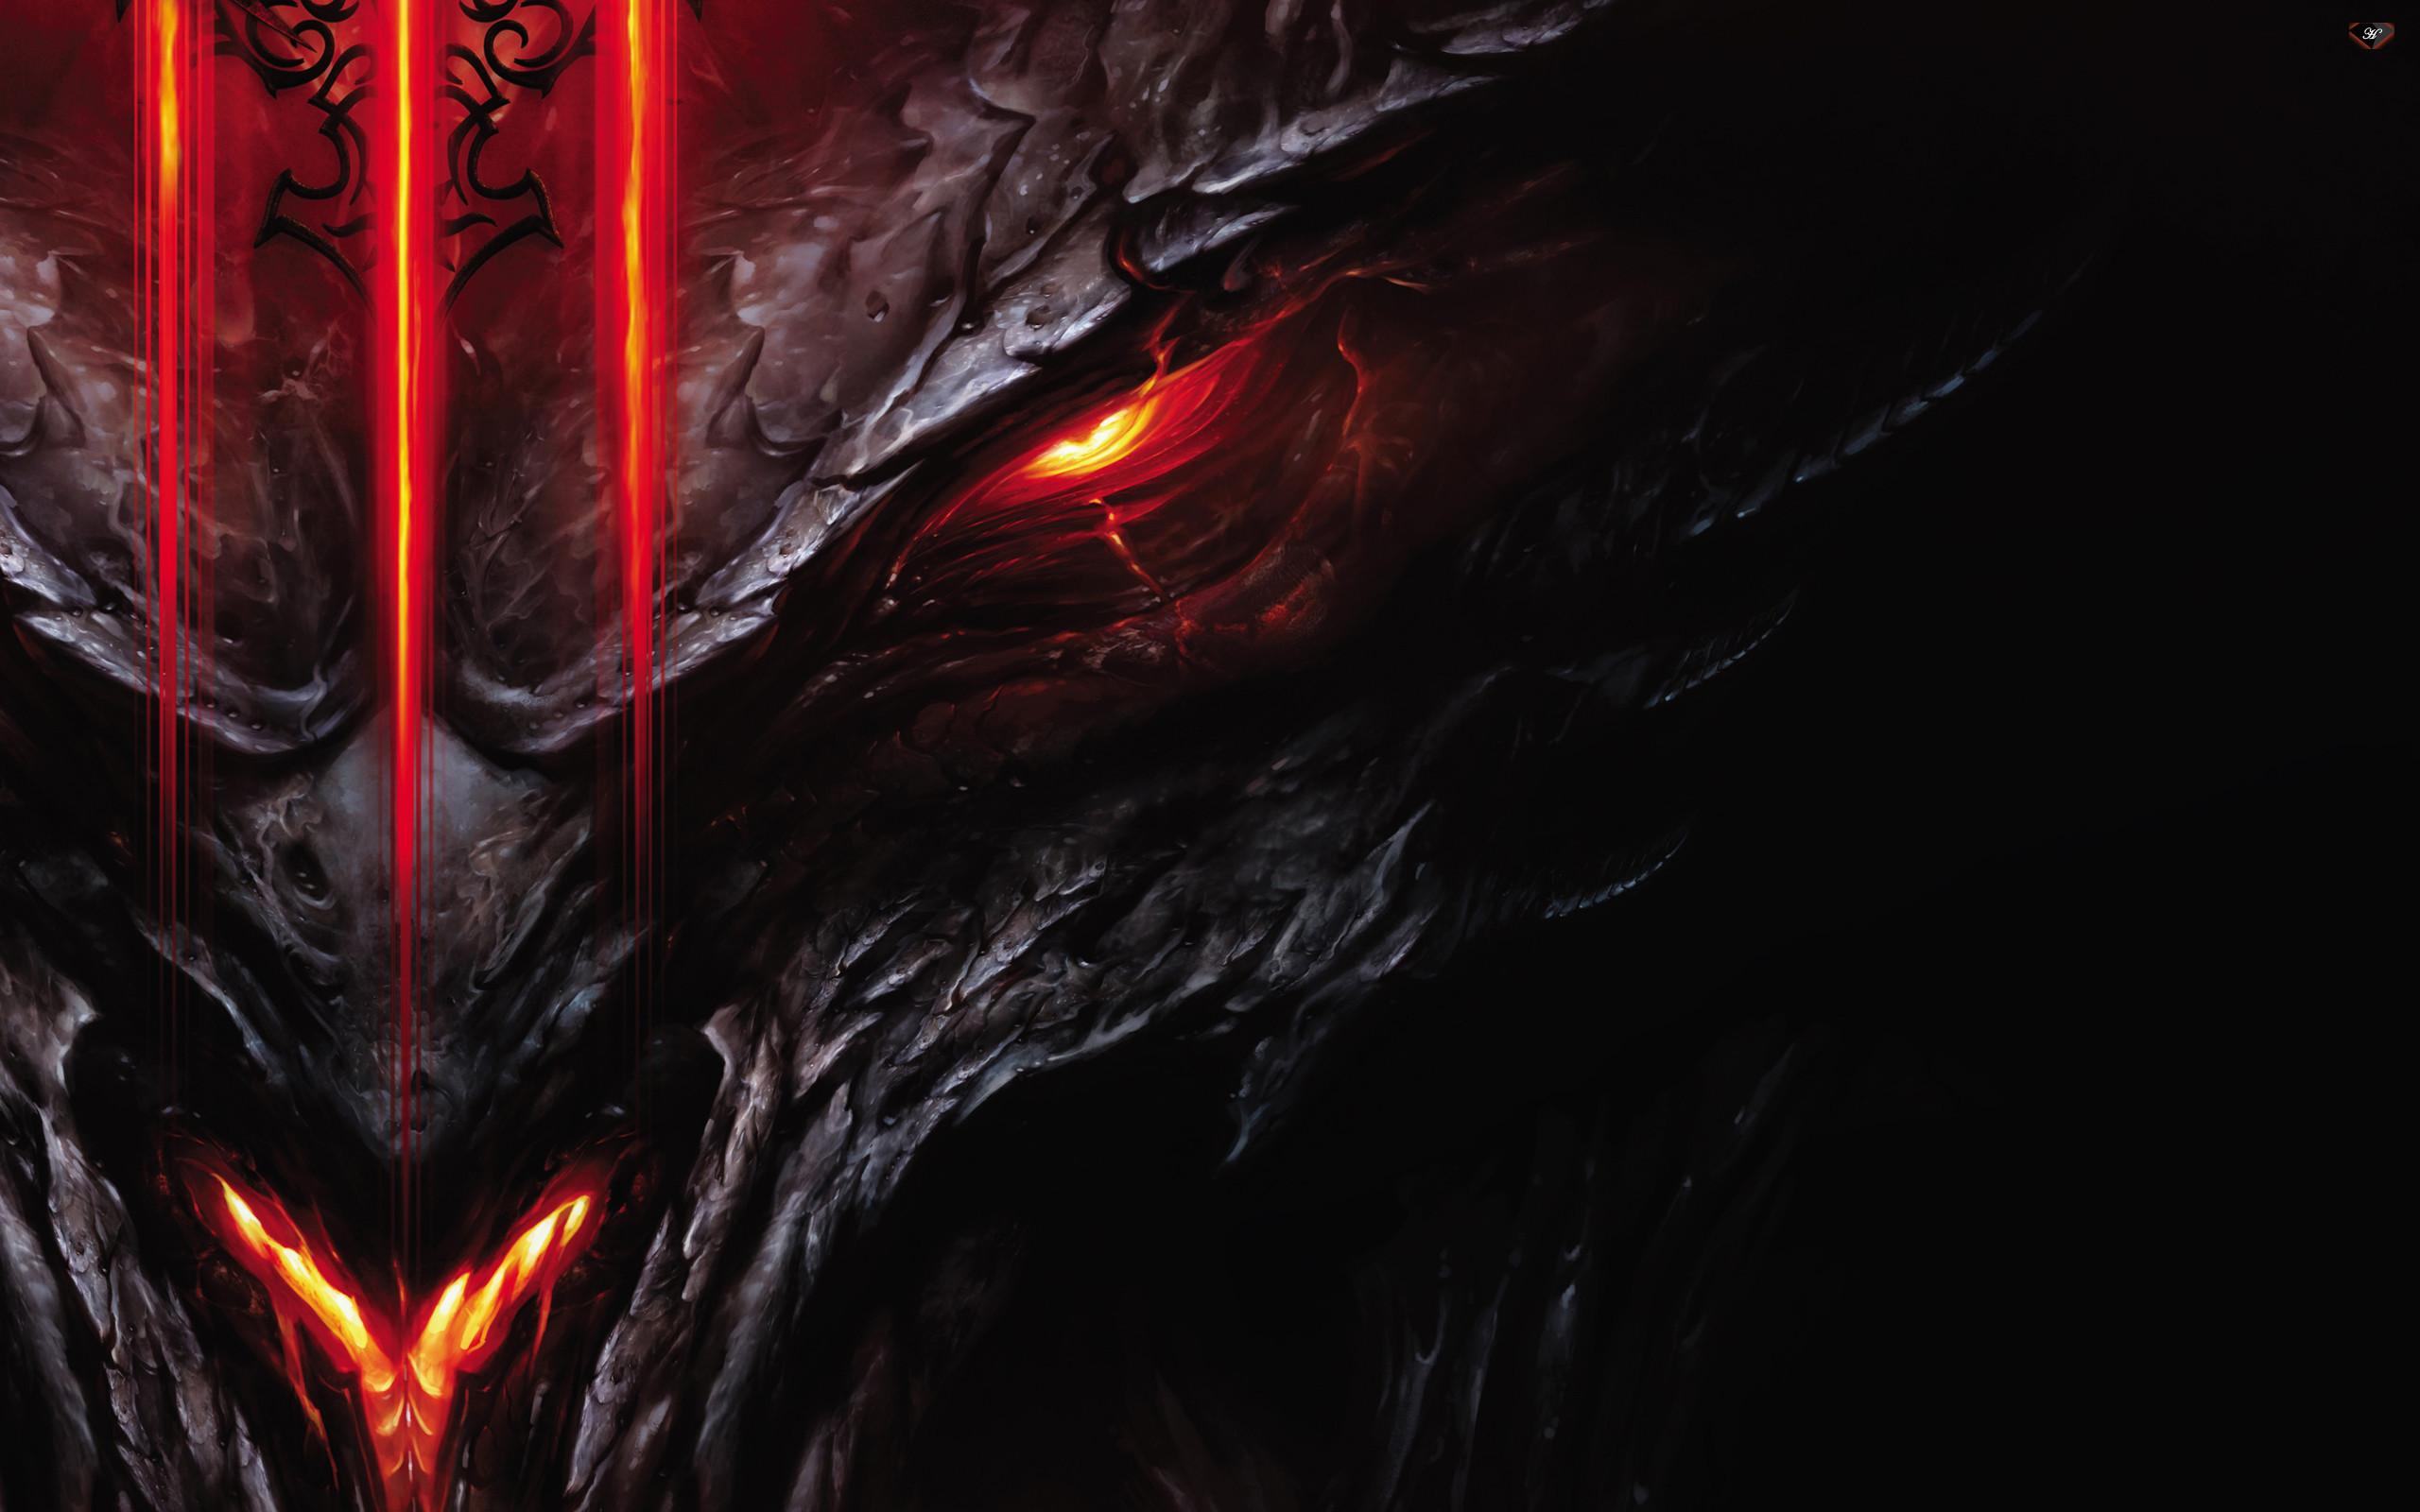 Diablo 3 Wallpaper 1920x1080 77 Images